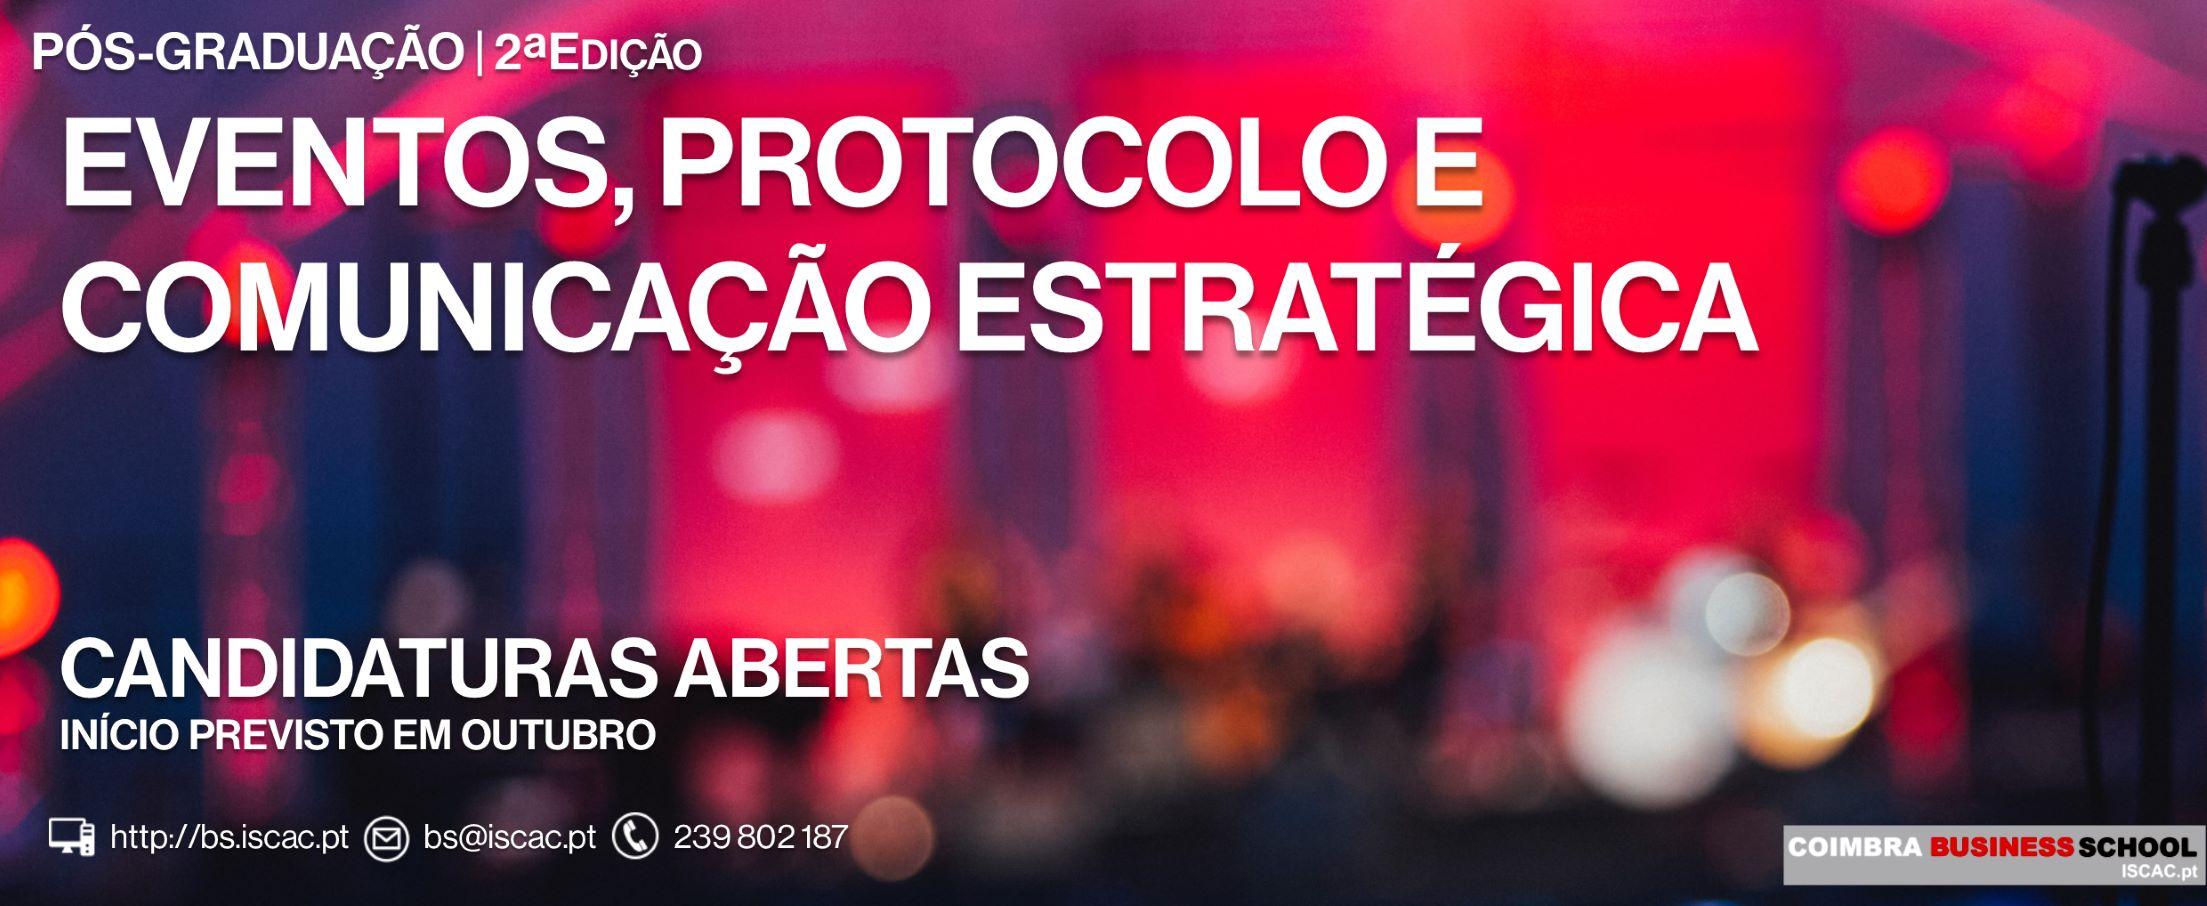 Pós-graduação Coimbra Business School